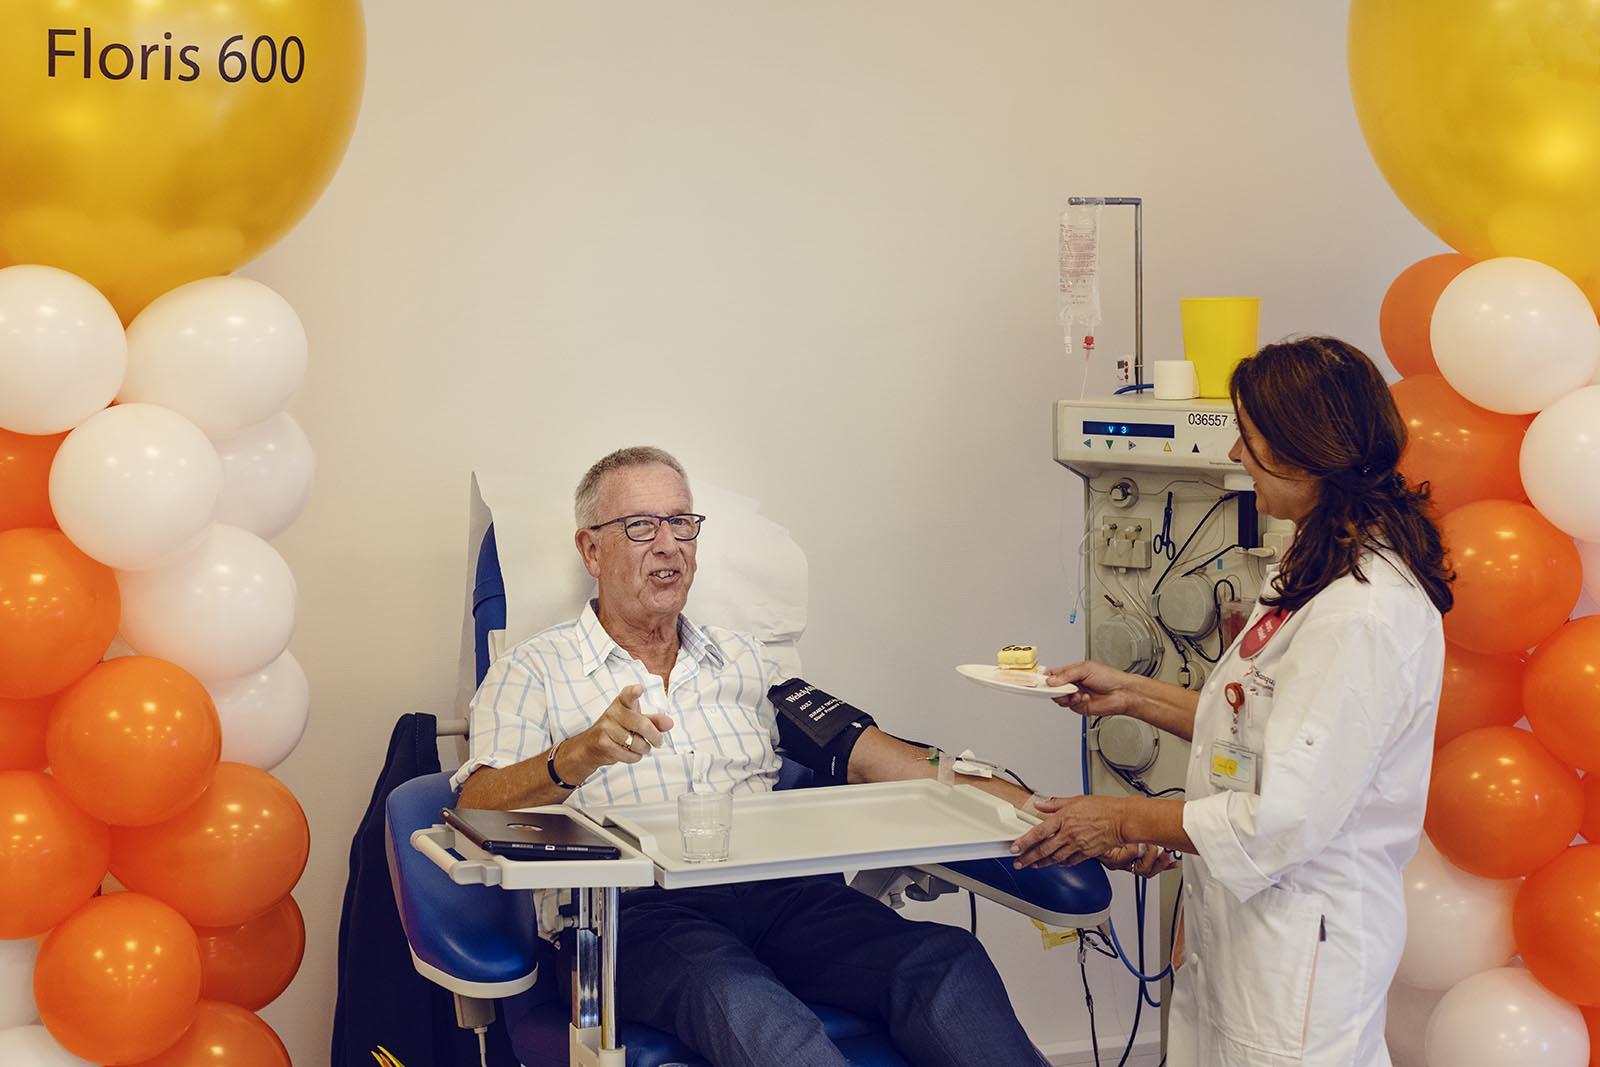 UNIEK: Floris Langendam geeft 600 keer